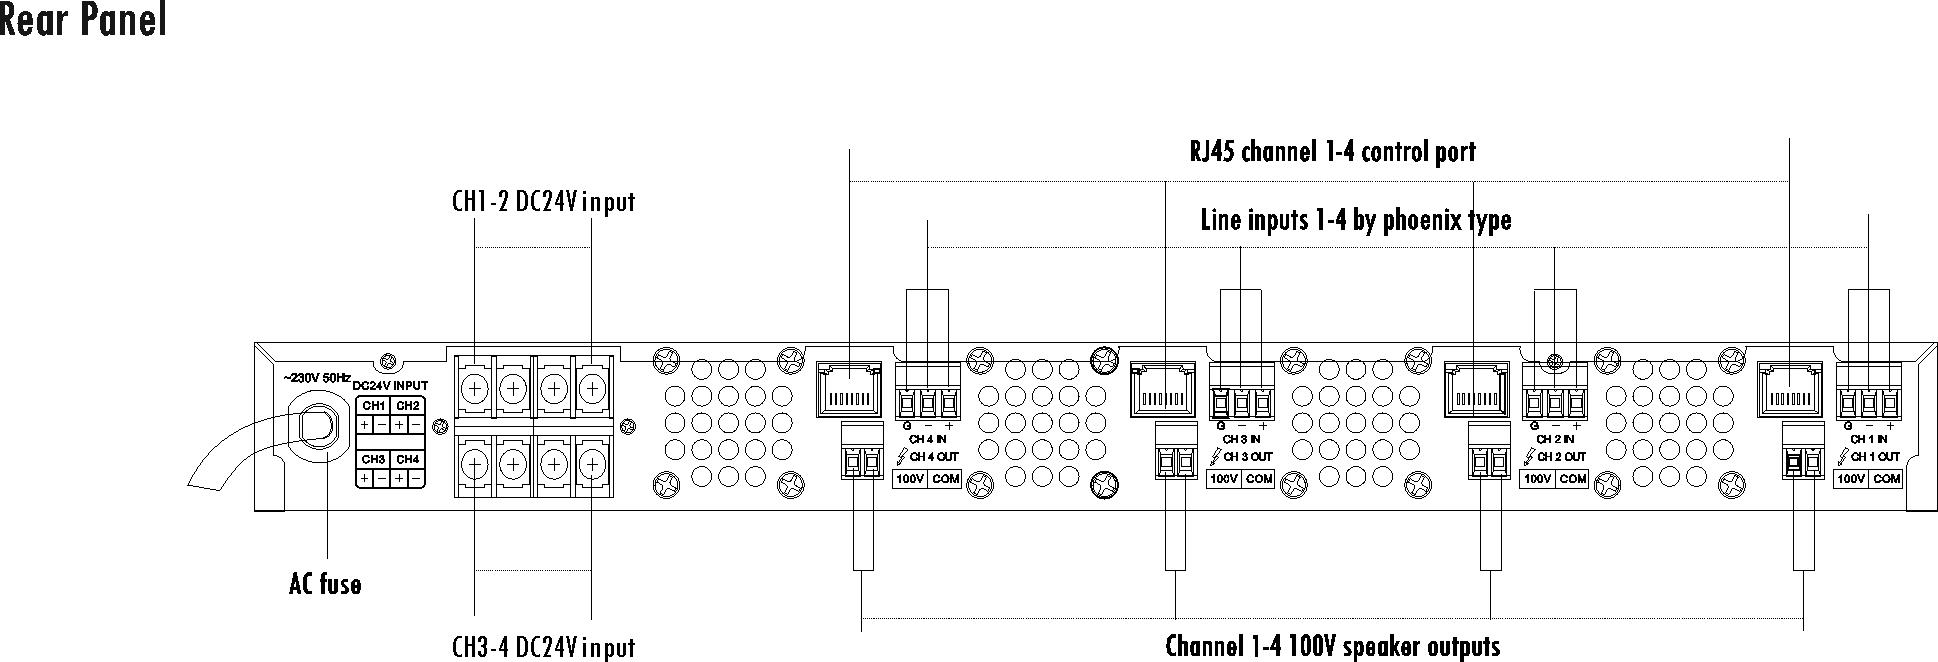 Class D Power Amplifier Circuit Diagram T Classd Audio Based Tda8929t Schematic 4 Channel 4120d 4240d 4350d 4500d Descriptions This Range Of Four Is